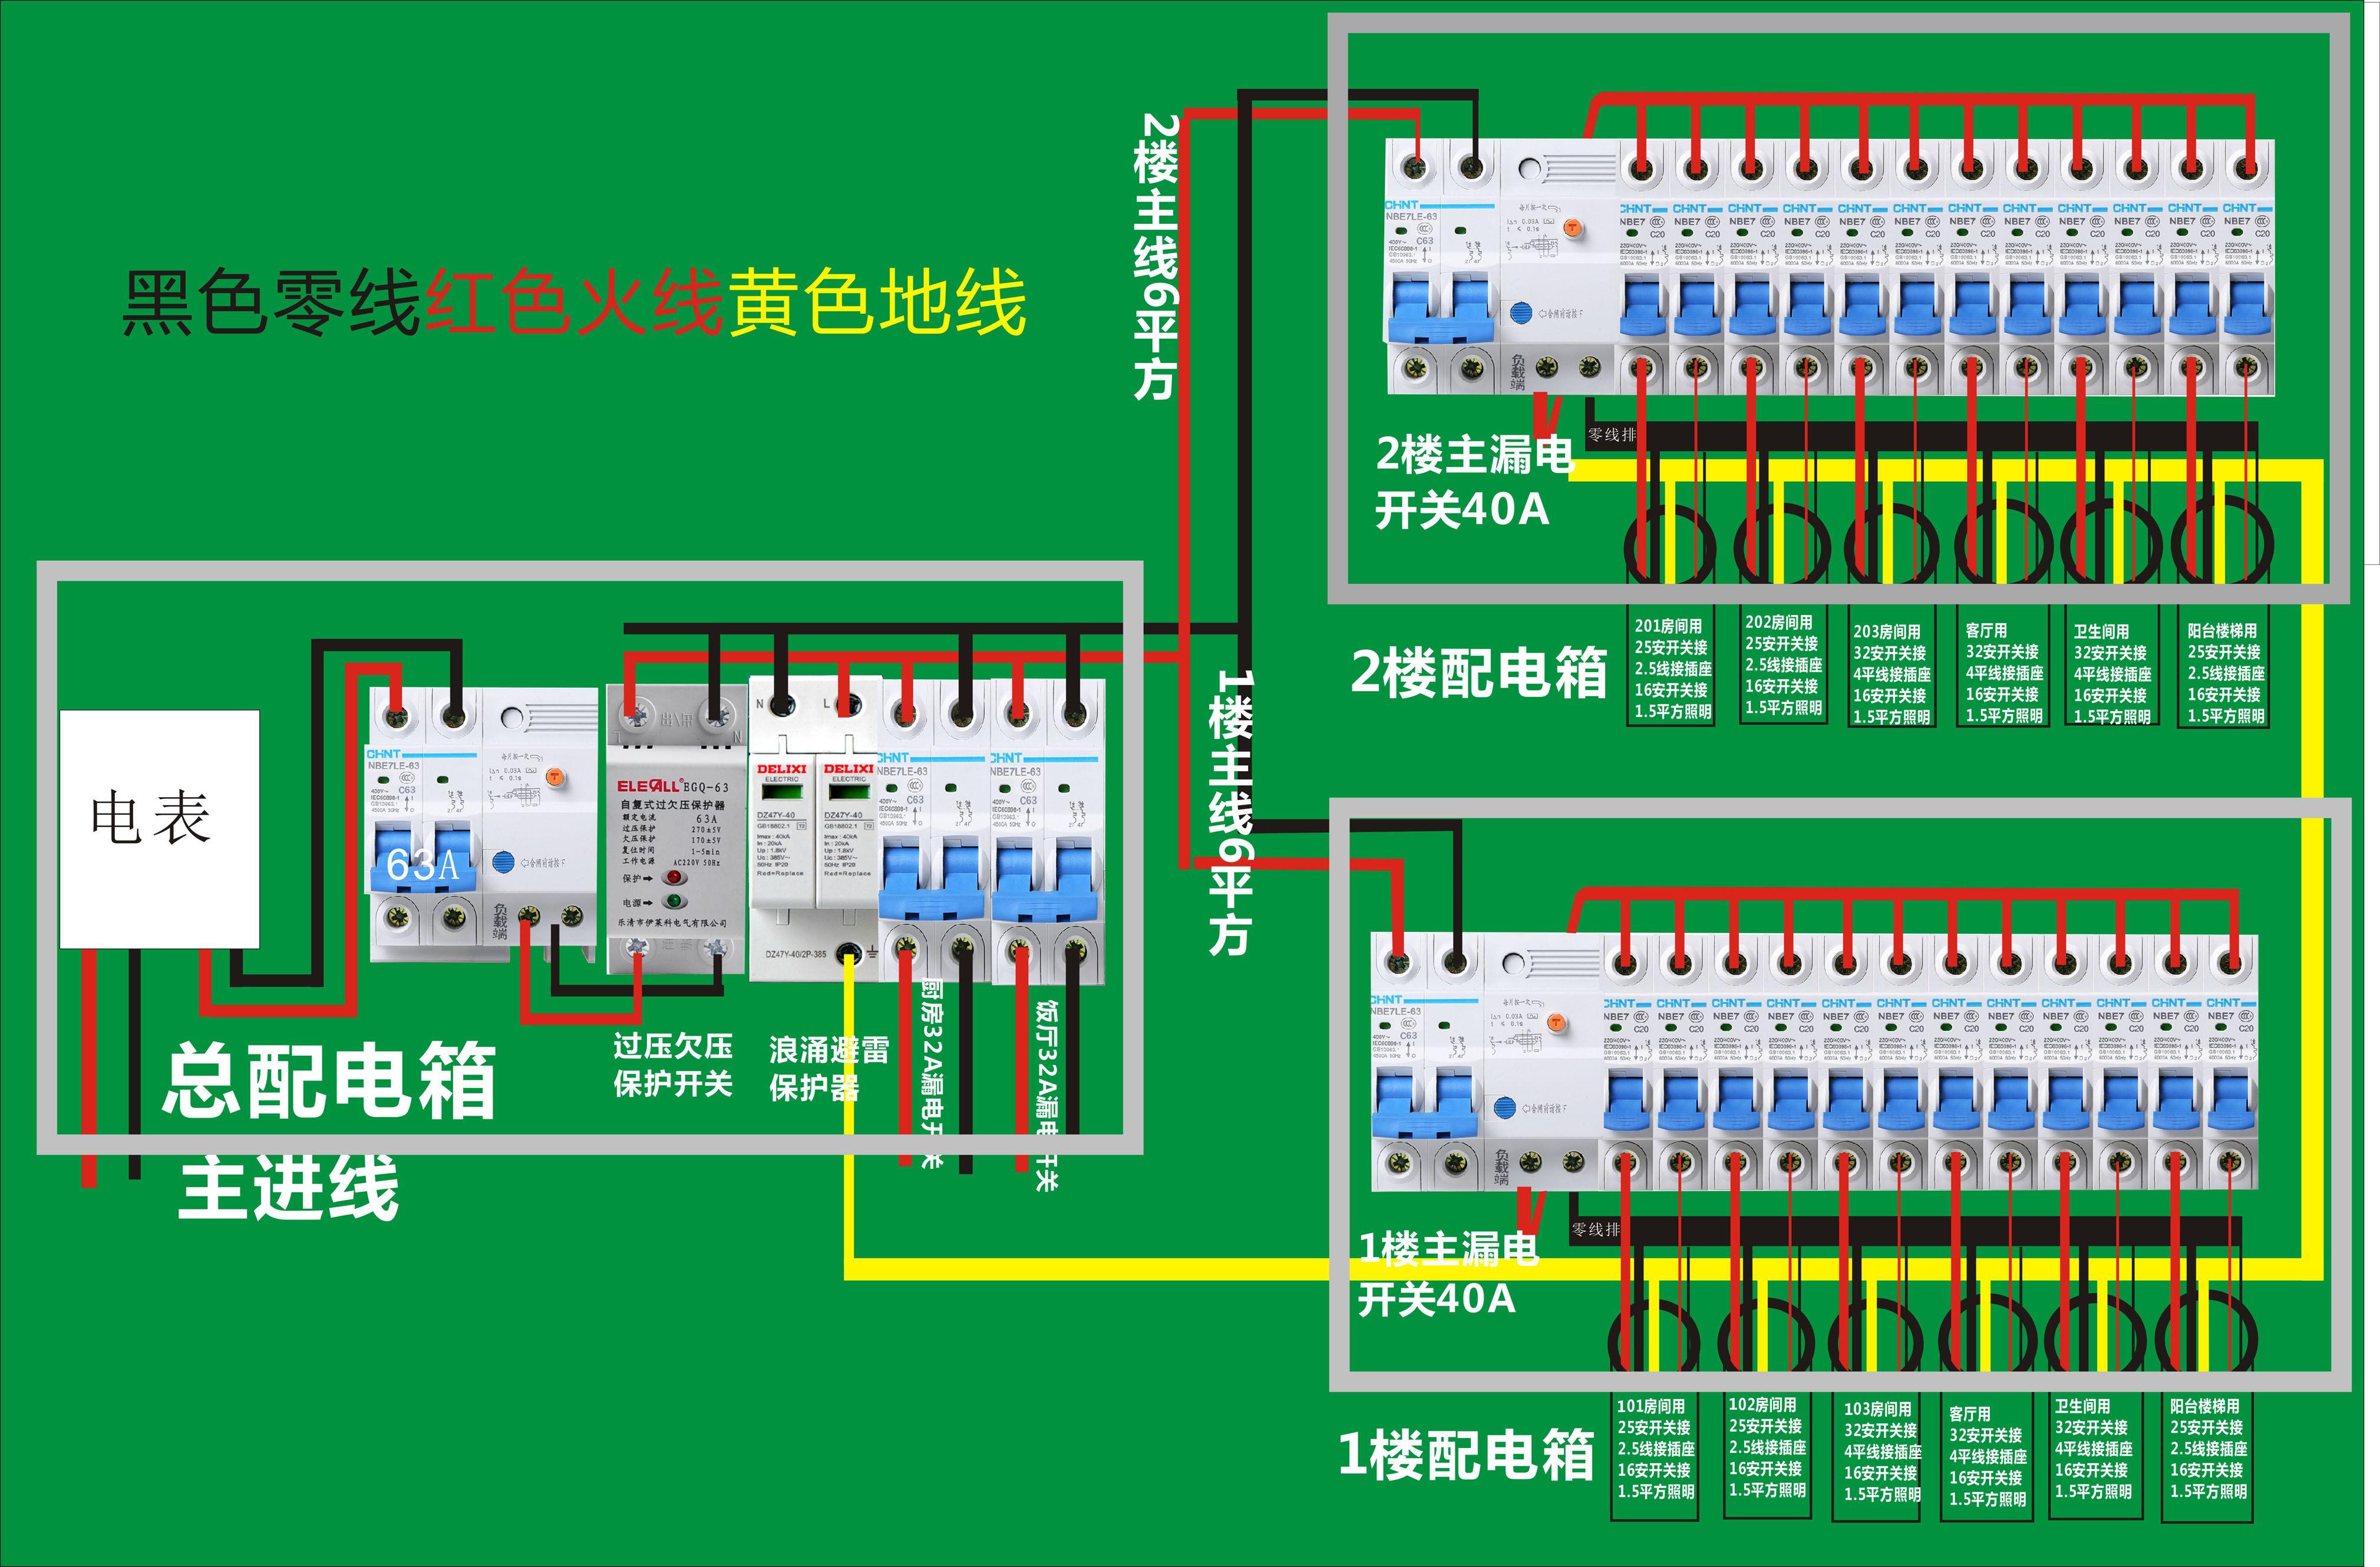 如果都正确家庭用电一般采用哪一种接法,过压保护器和浪涌保护器可以